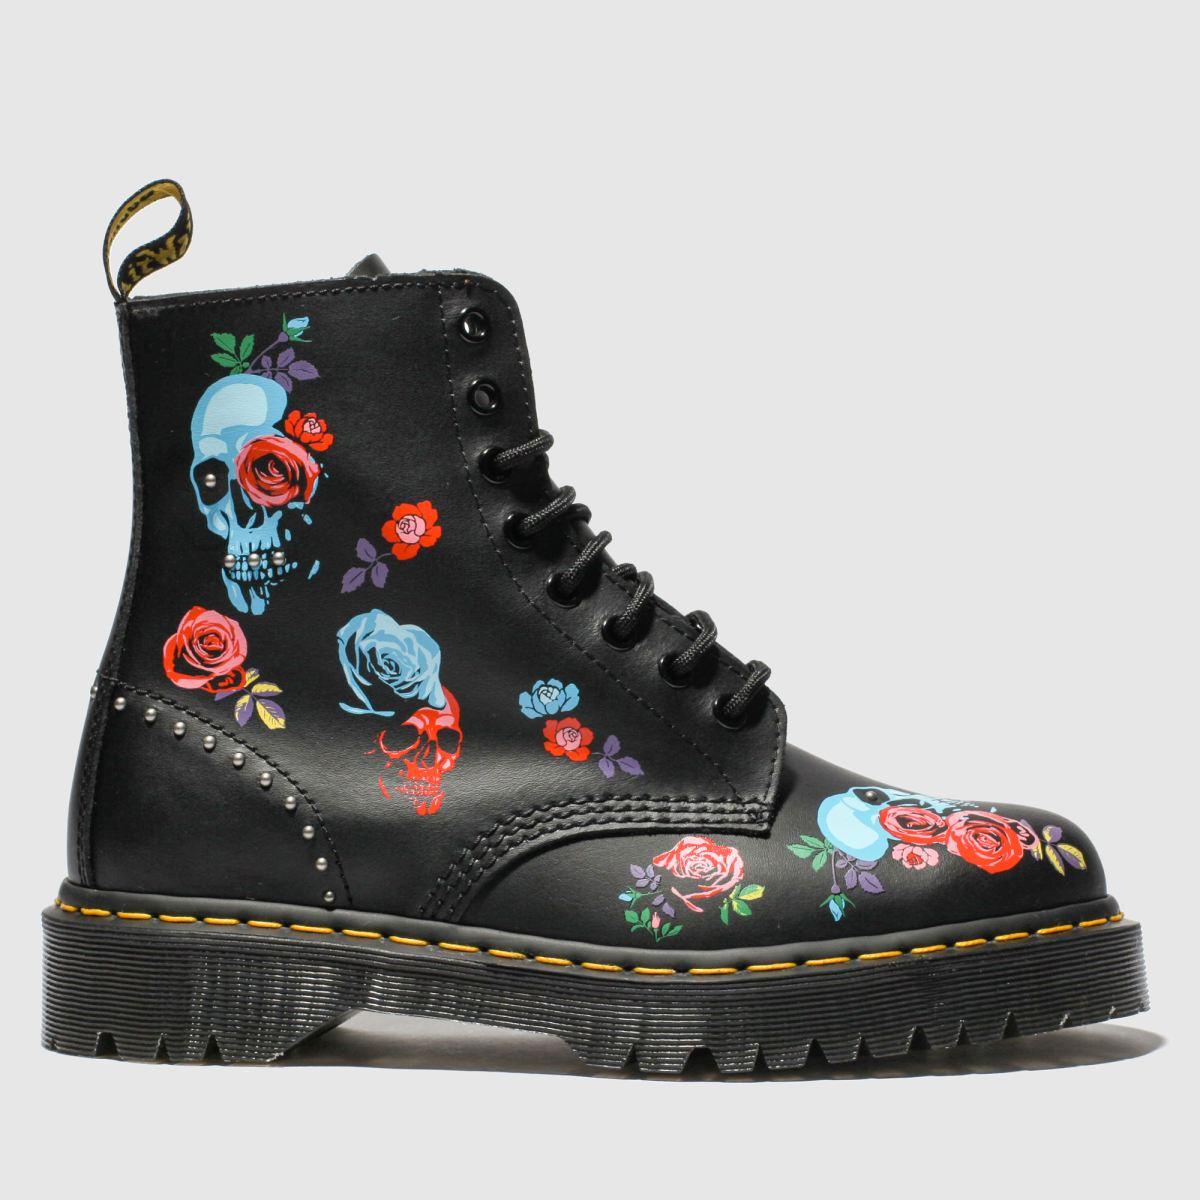 Dr Martens Black & Pink 1460 Bex Rose Boots